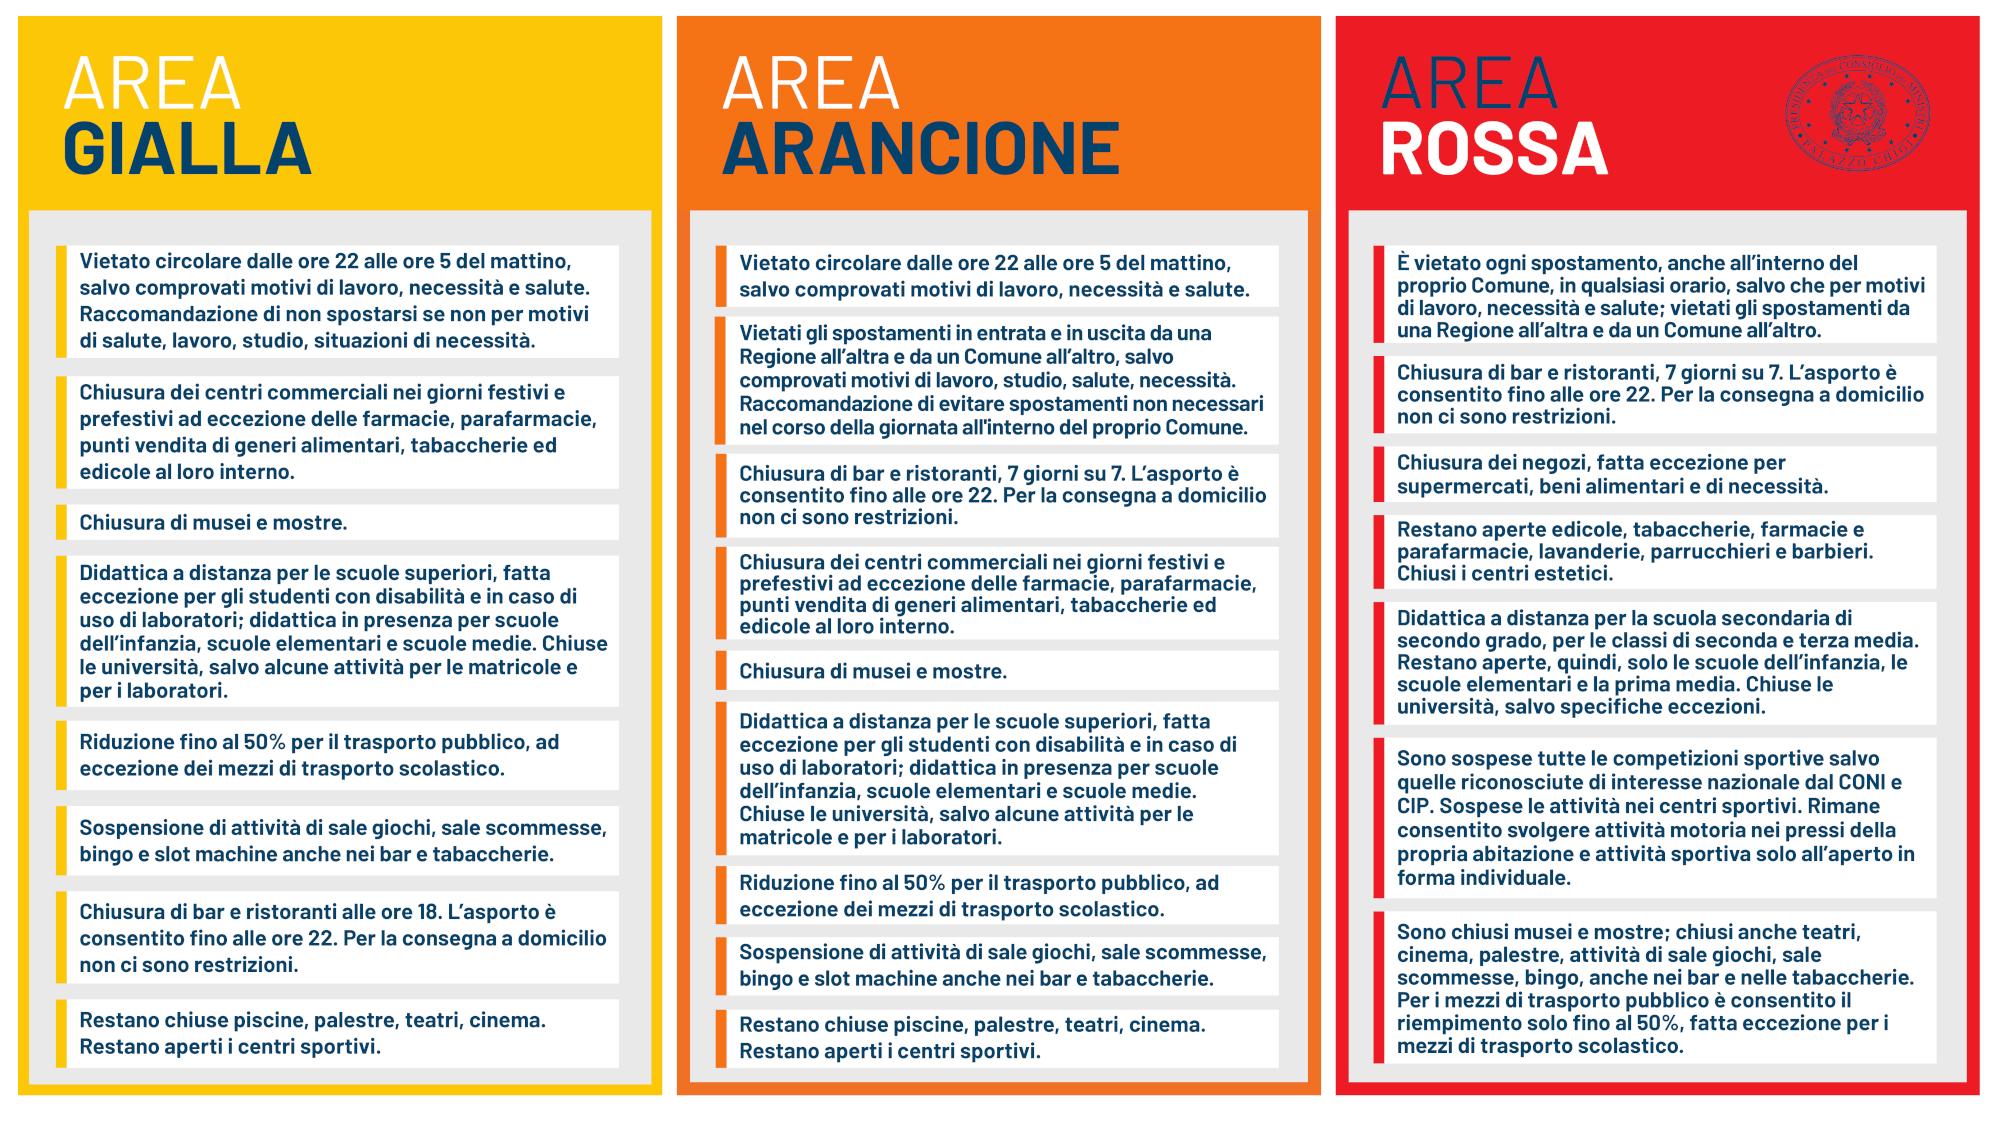 Emergenza COVID-19 - Dal 15 novembre Toscana collocata nella zona rossa